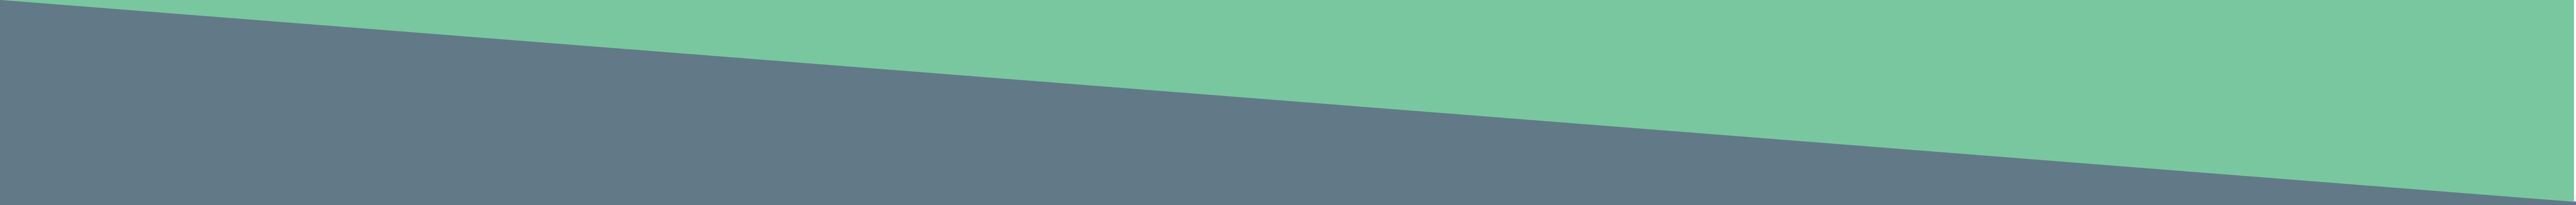 morricastle strand light green divider